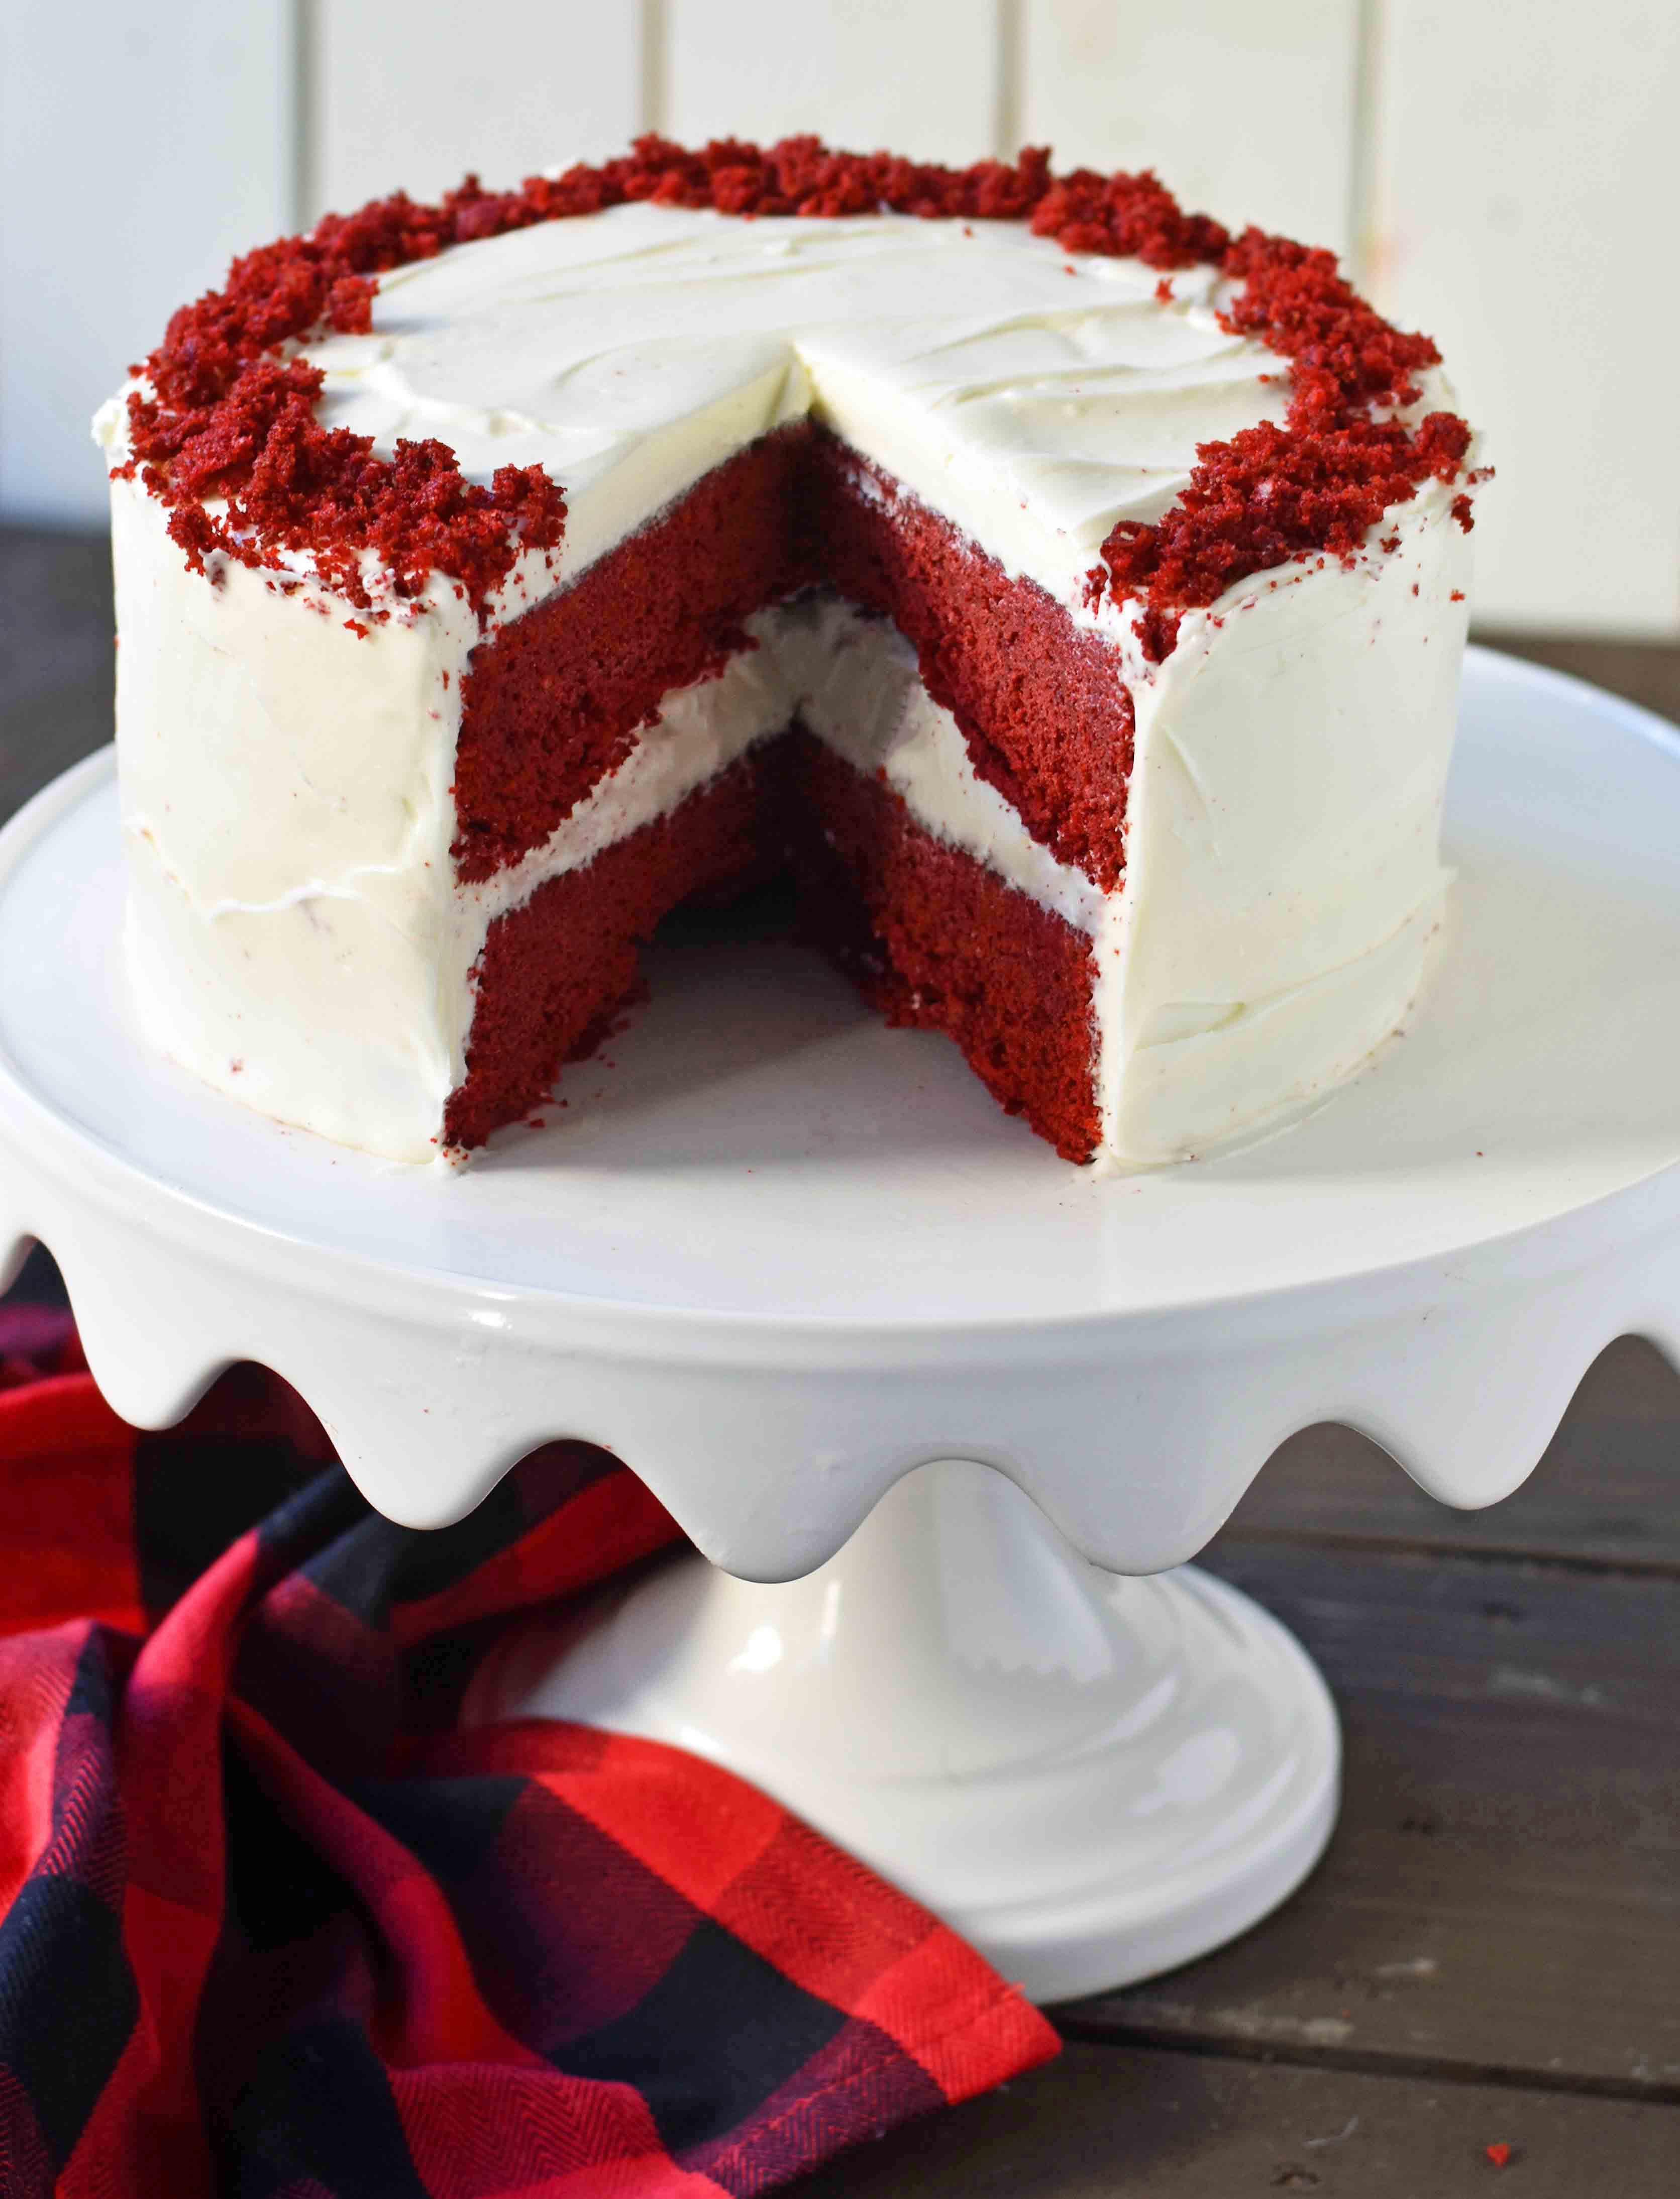 Best Red Velvet Cake  Red Velvet Cake